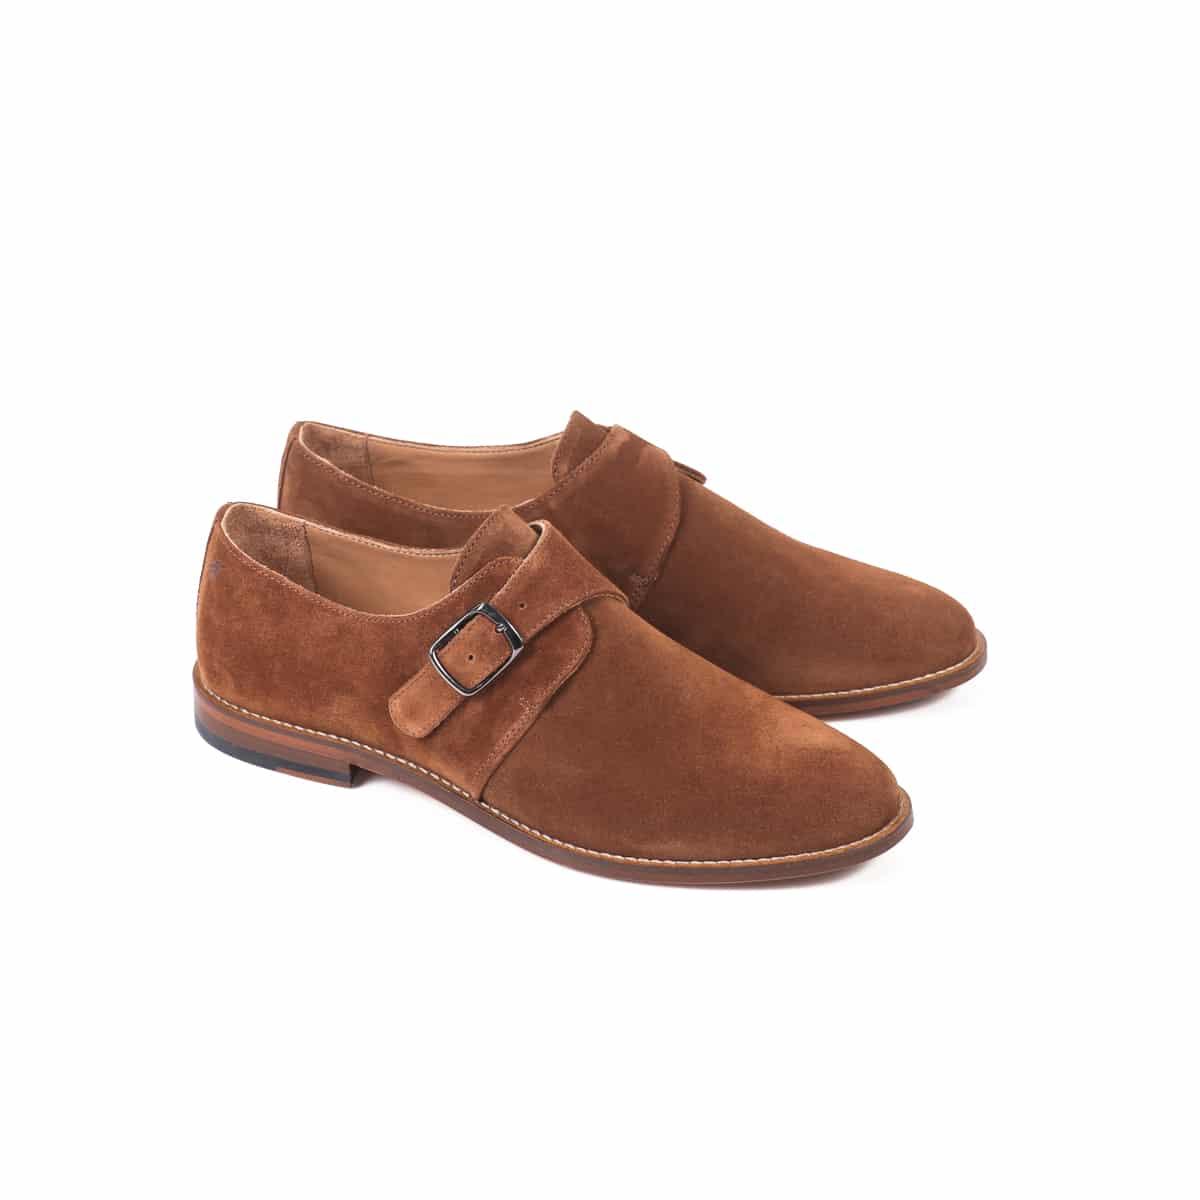 derbies boucle cuir nubuck chaussures mode homme sable pied de biche